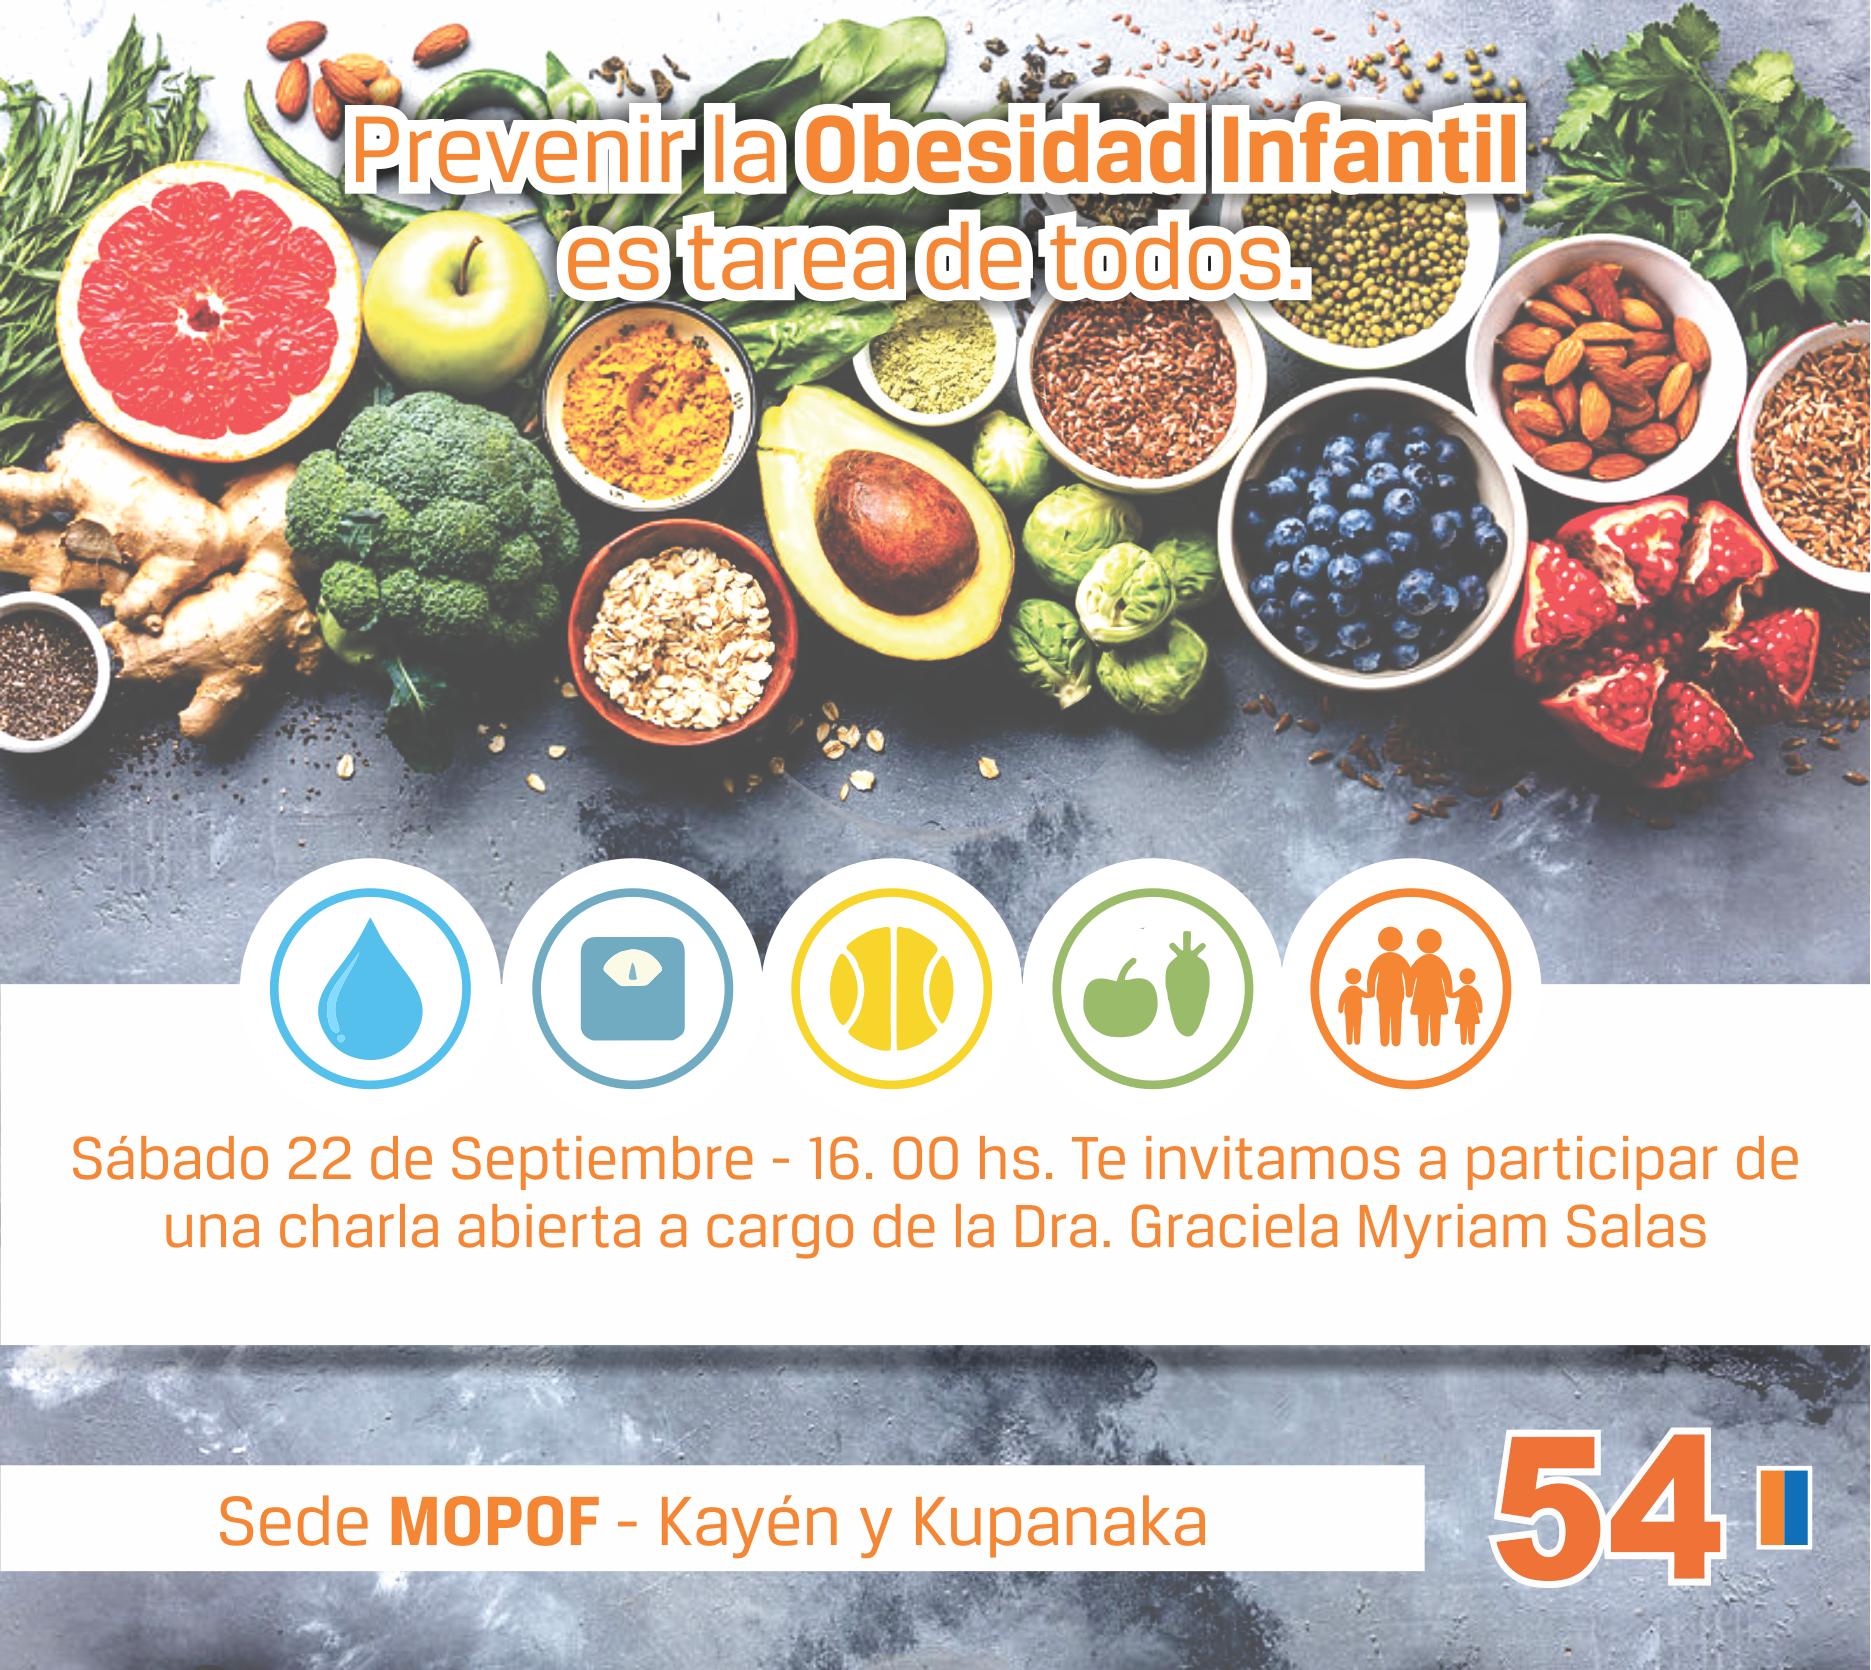 El  Movimiento Popular Fueguino organiza una charla sobre la Prevencion de la Obesidad Infantil